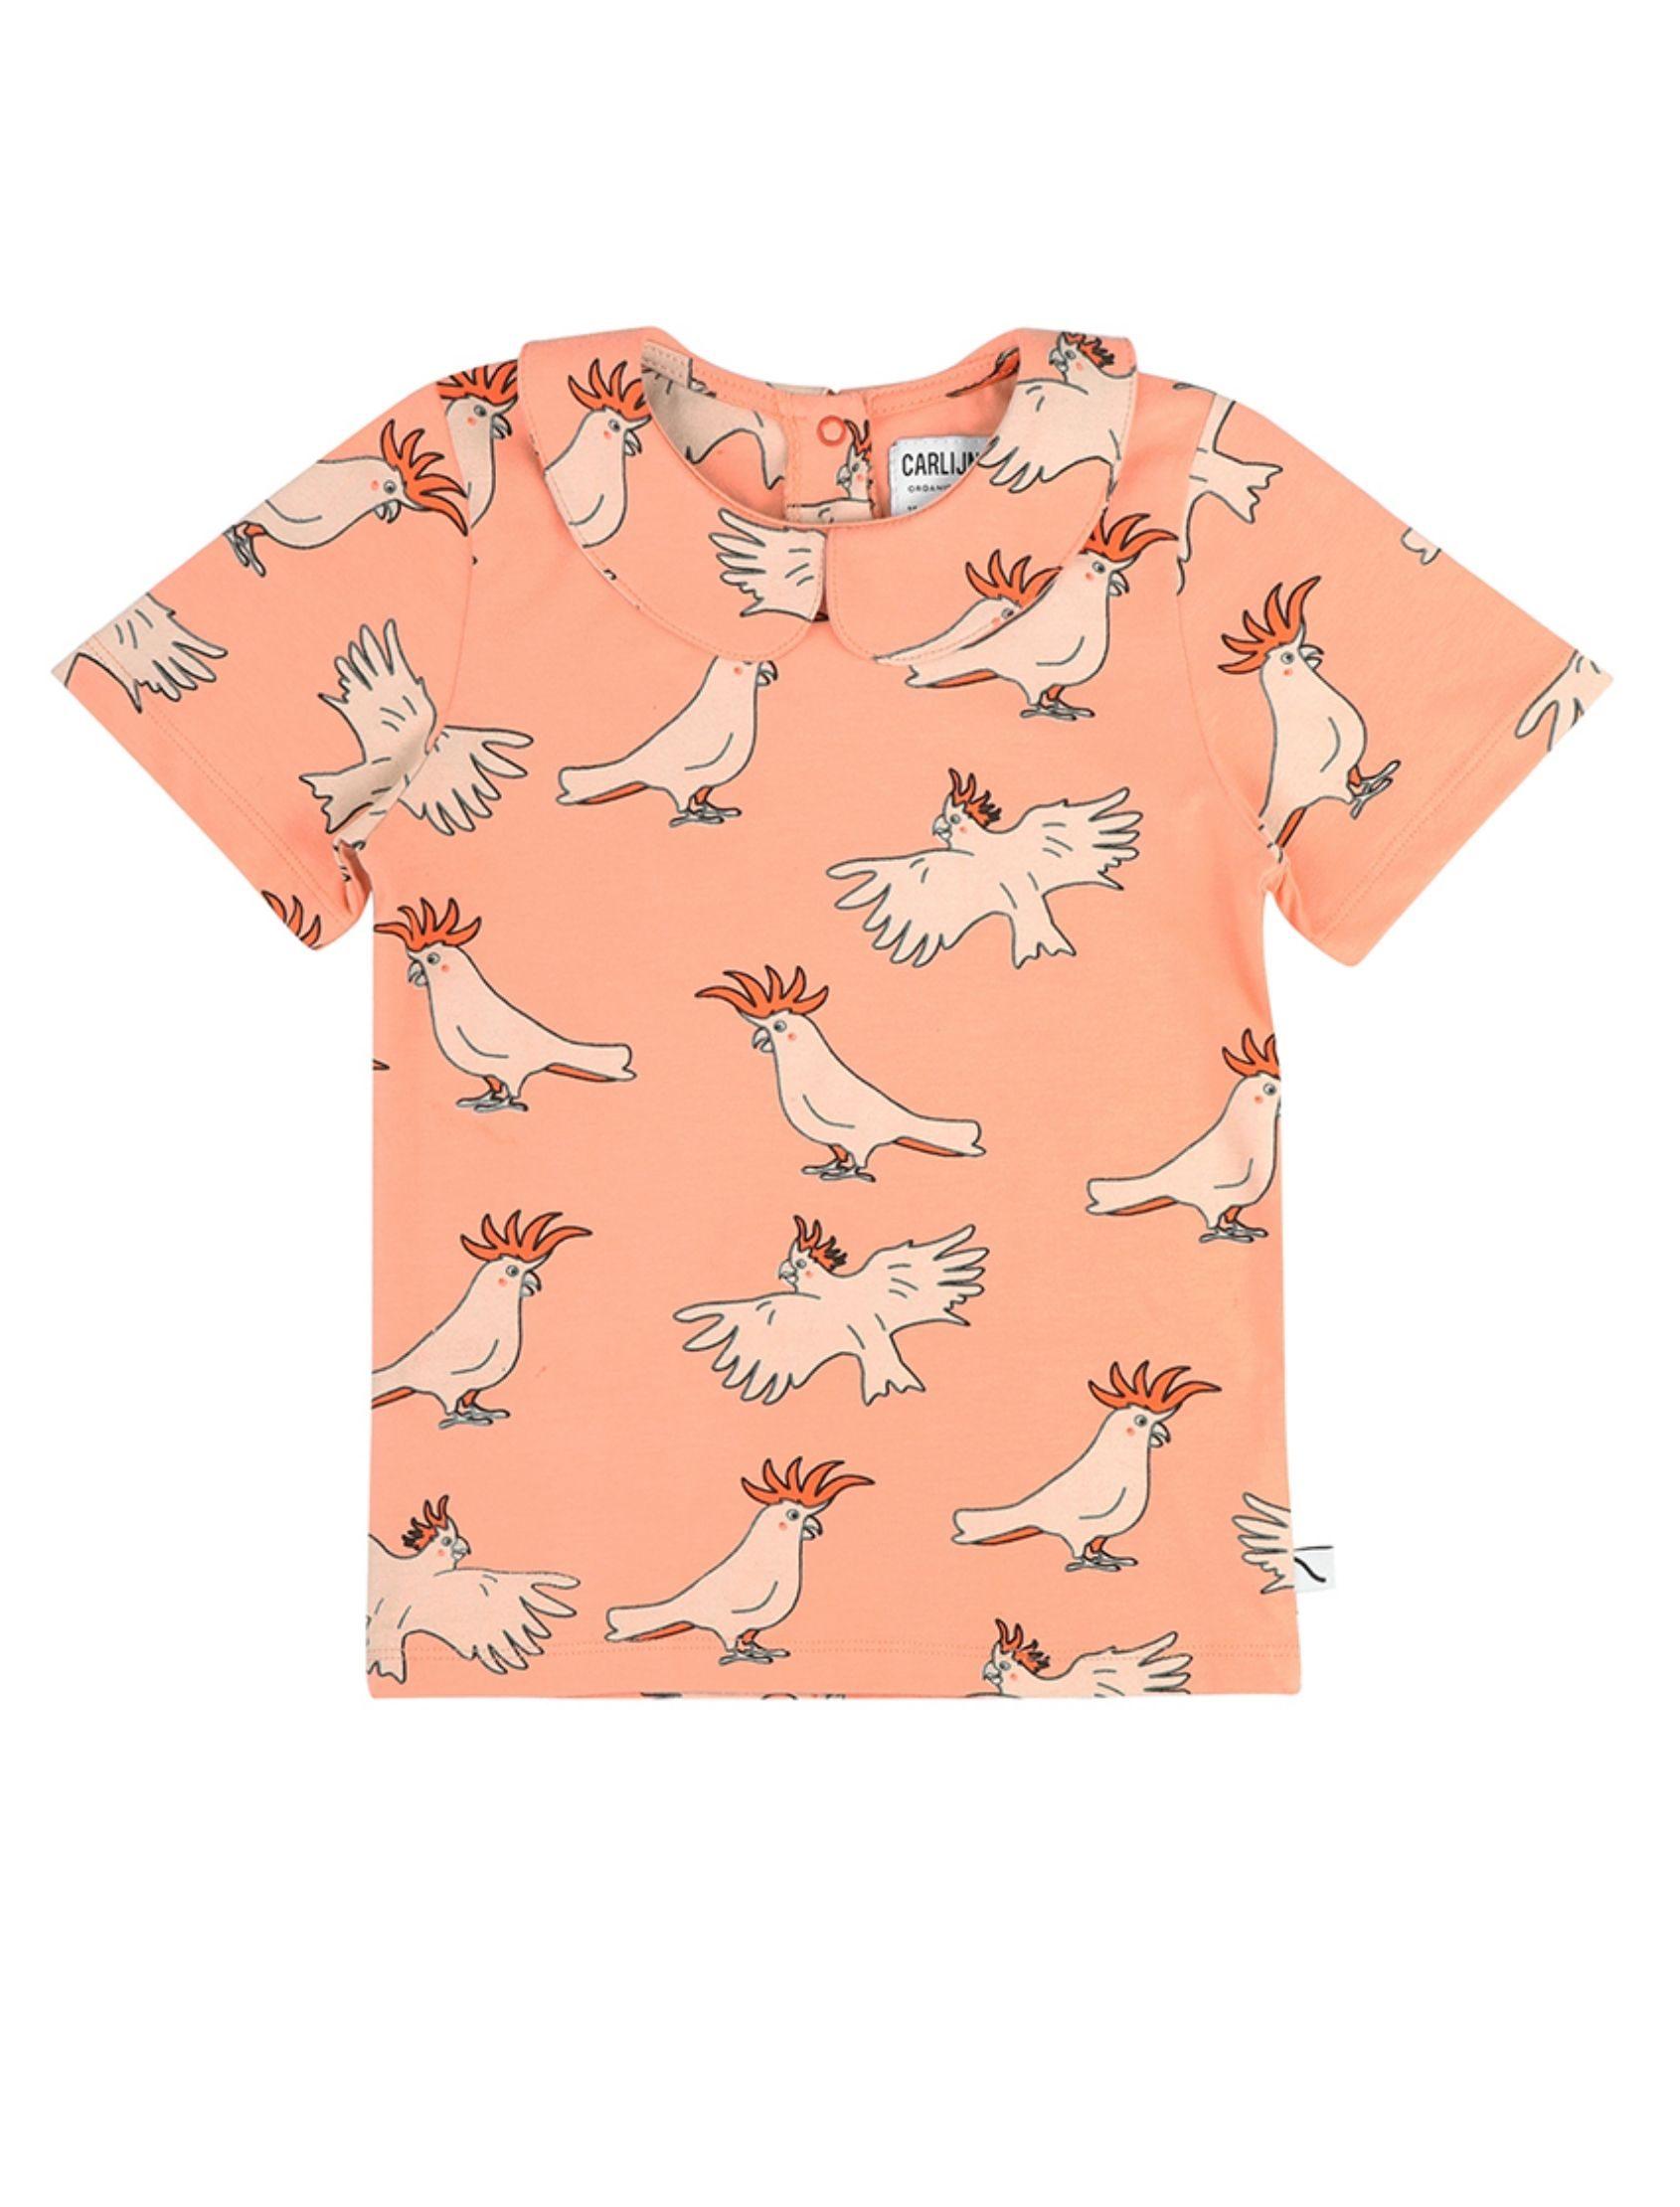 camiseta con volantito en el cuello en tono naranja con estampado de loros